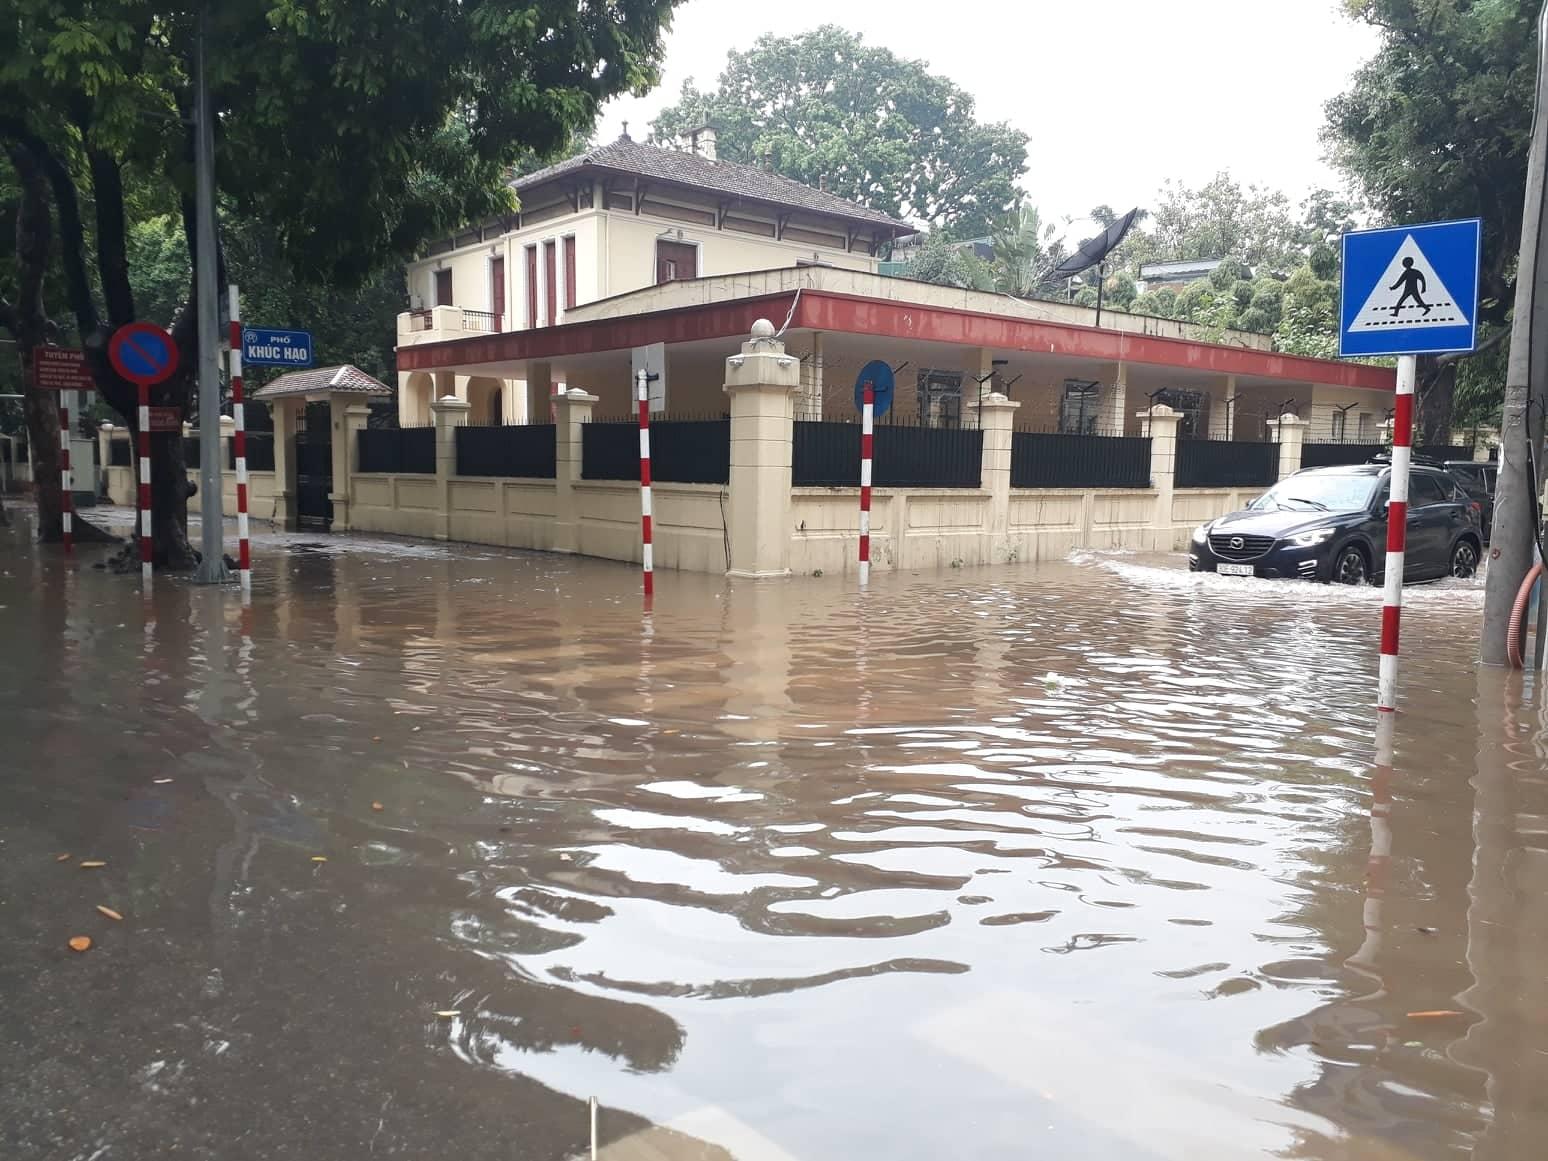 Hà Nội Mưa lớn, nhiều tuyến đường bị ngập